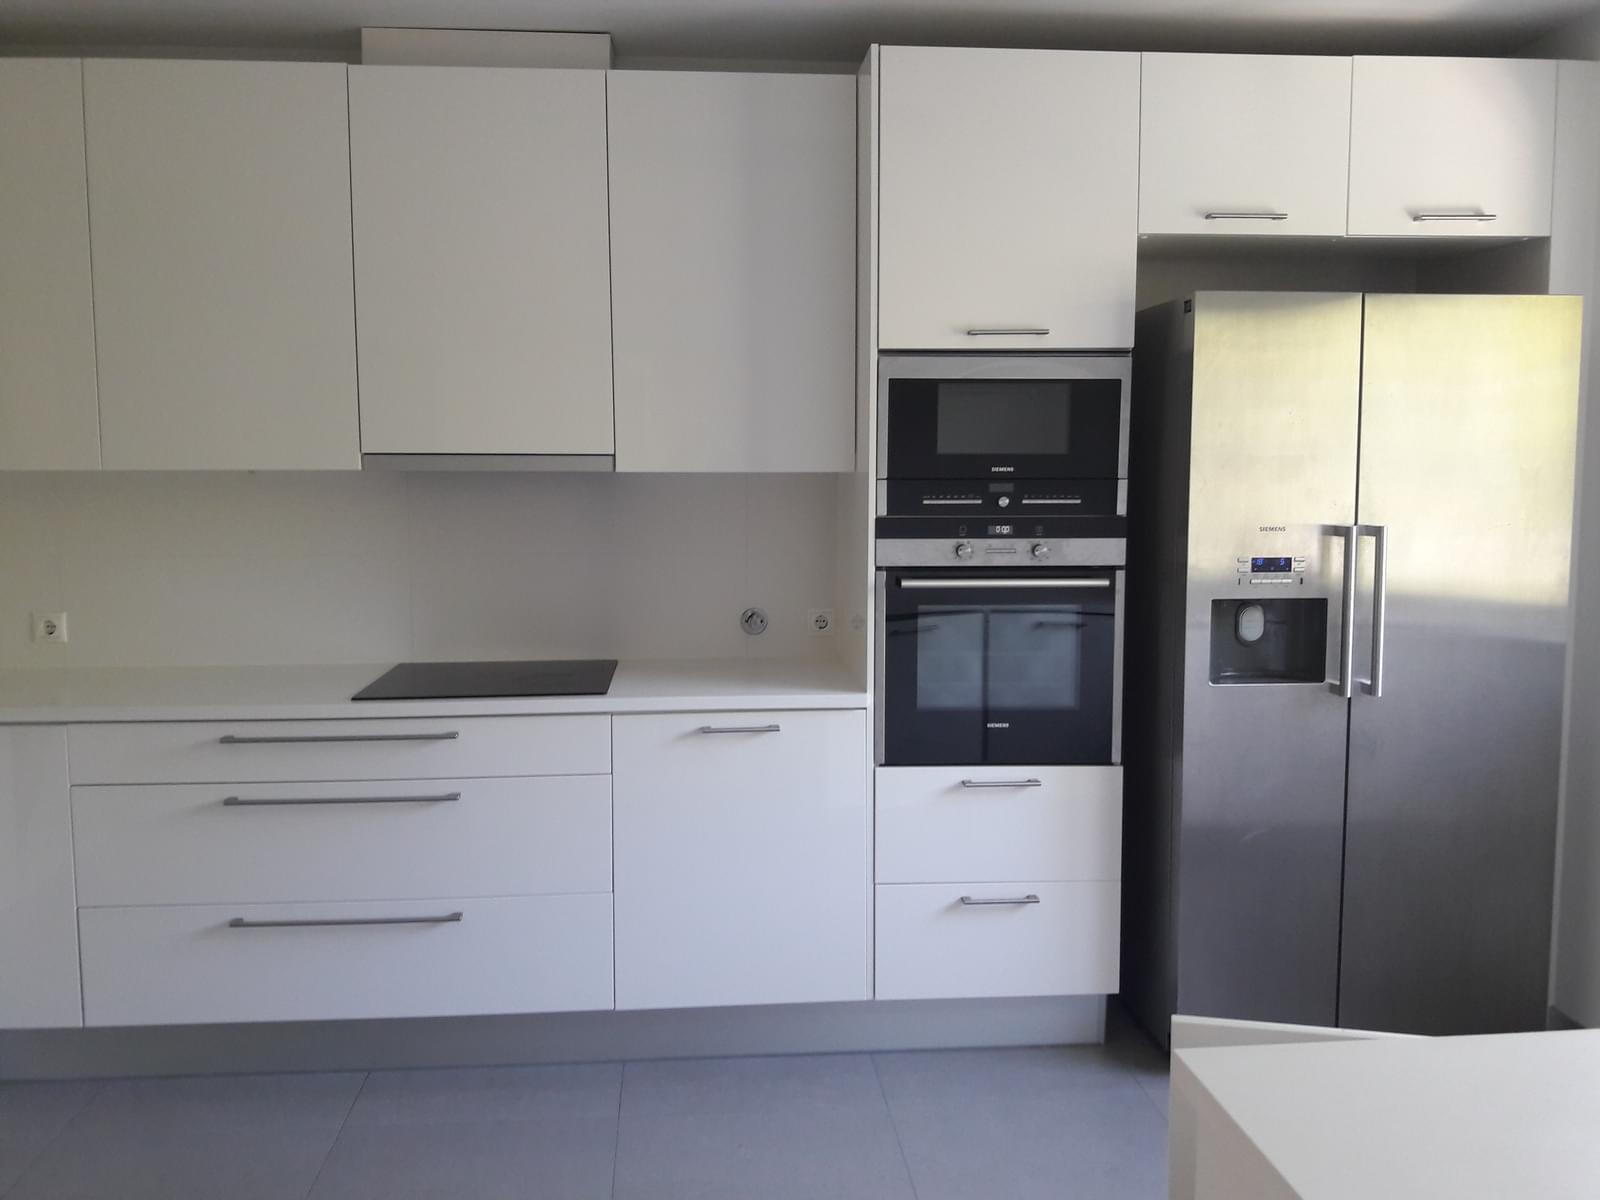 pf18143-apartamento-t3-cascais-19cad923-15ef-445d-93f5-0bf98e497e30